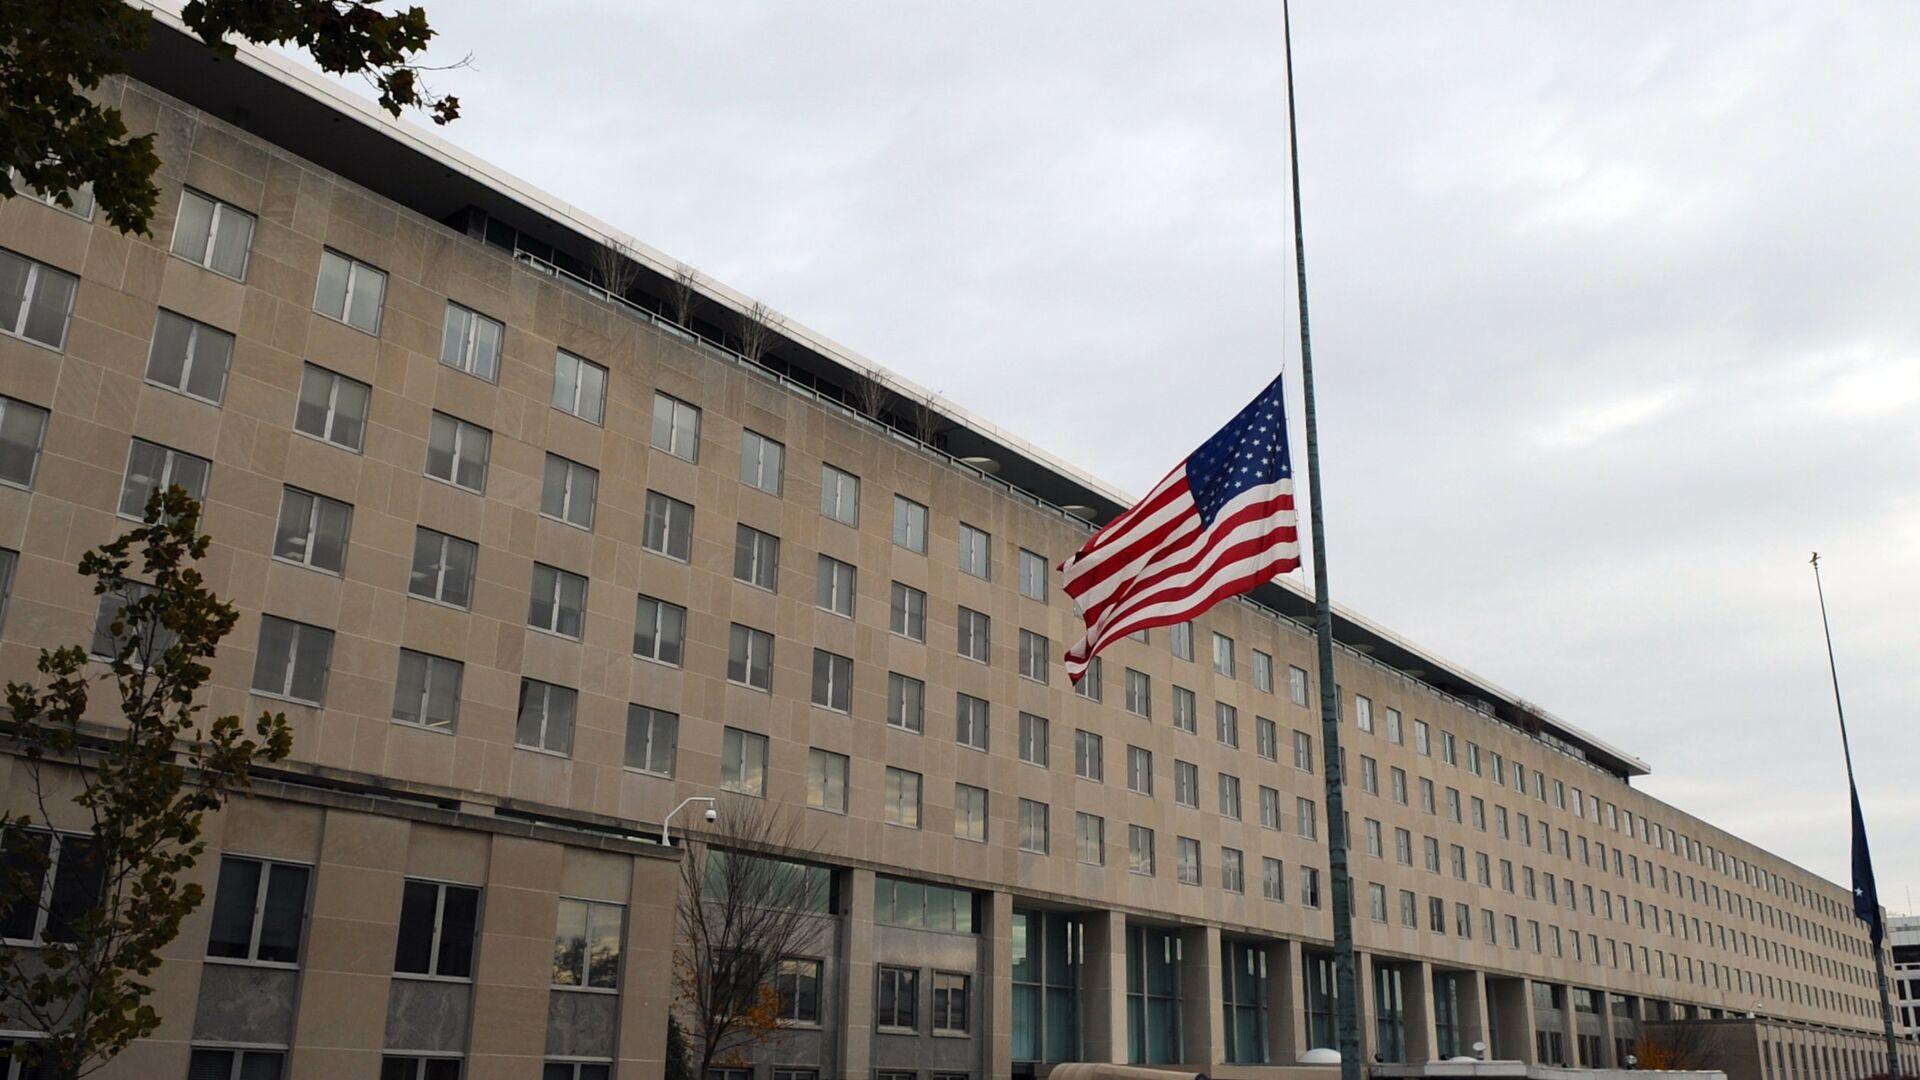 Здание Госдепартамента США в Вашингтоне - РИА Новости, 1920, 06.05.2021